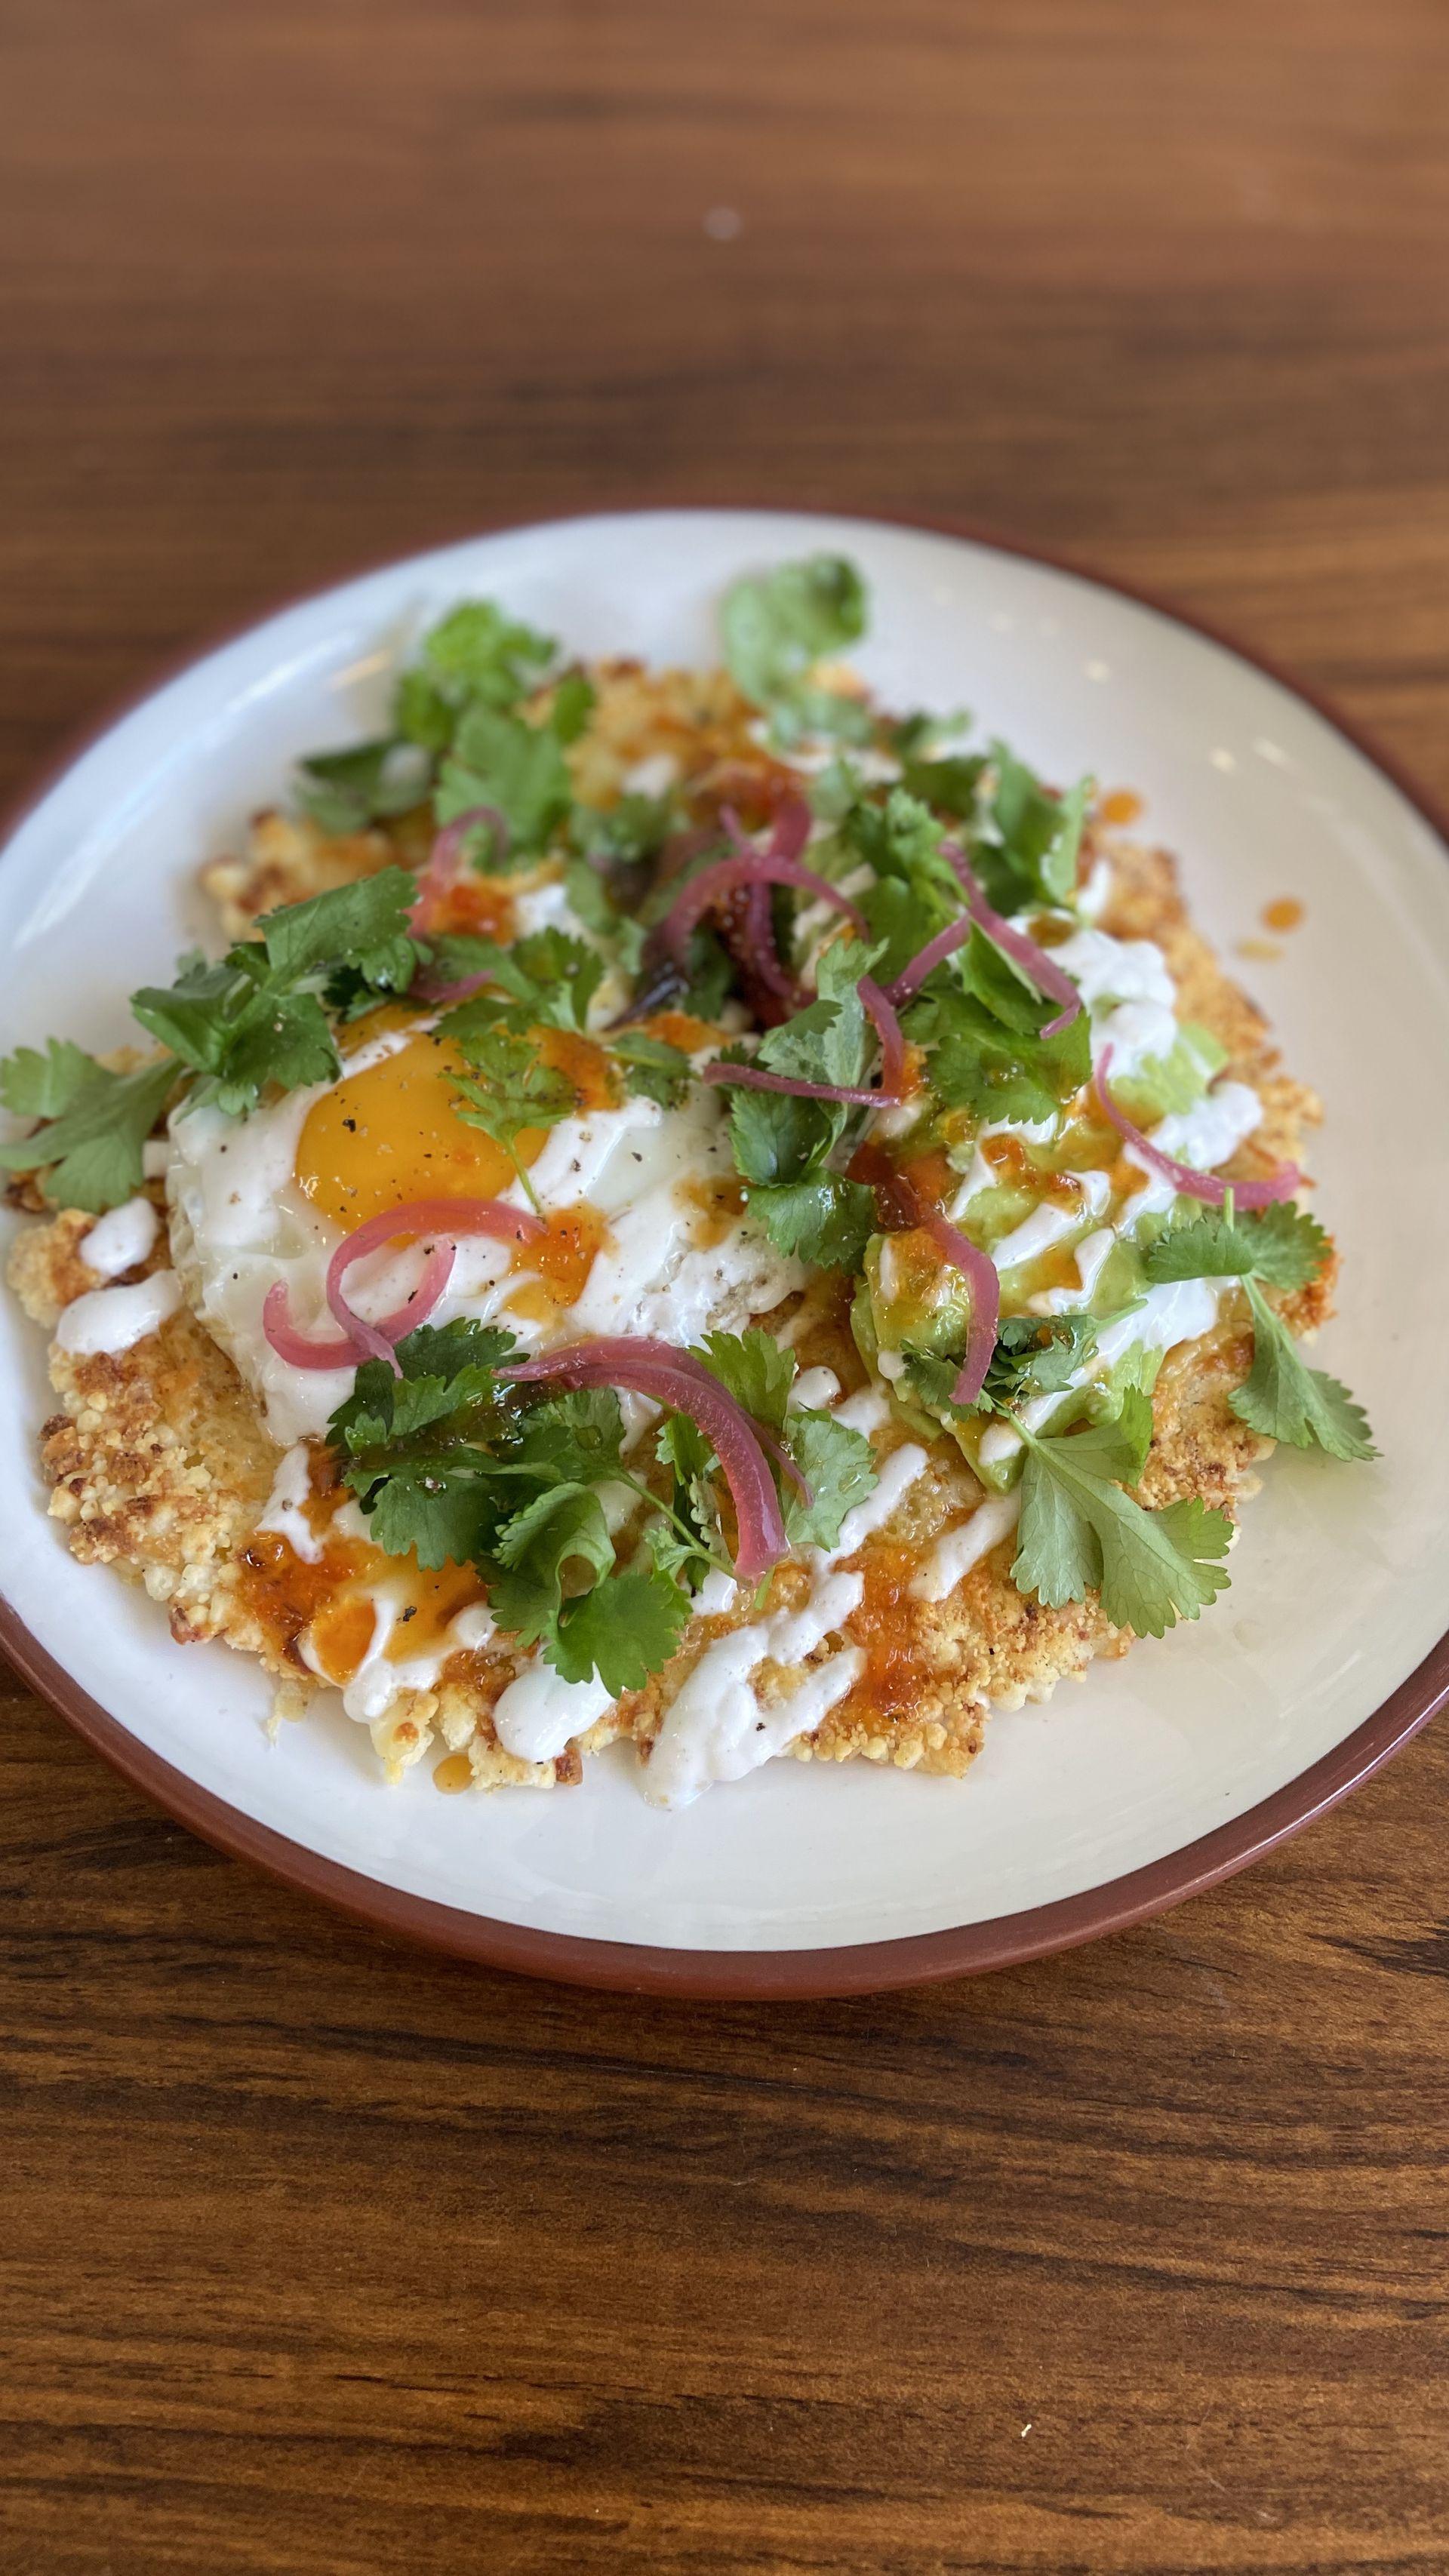 Otra opción es comerla en forma de tortilla, con huevo poché